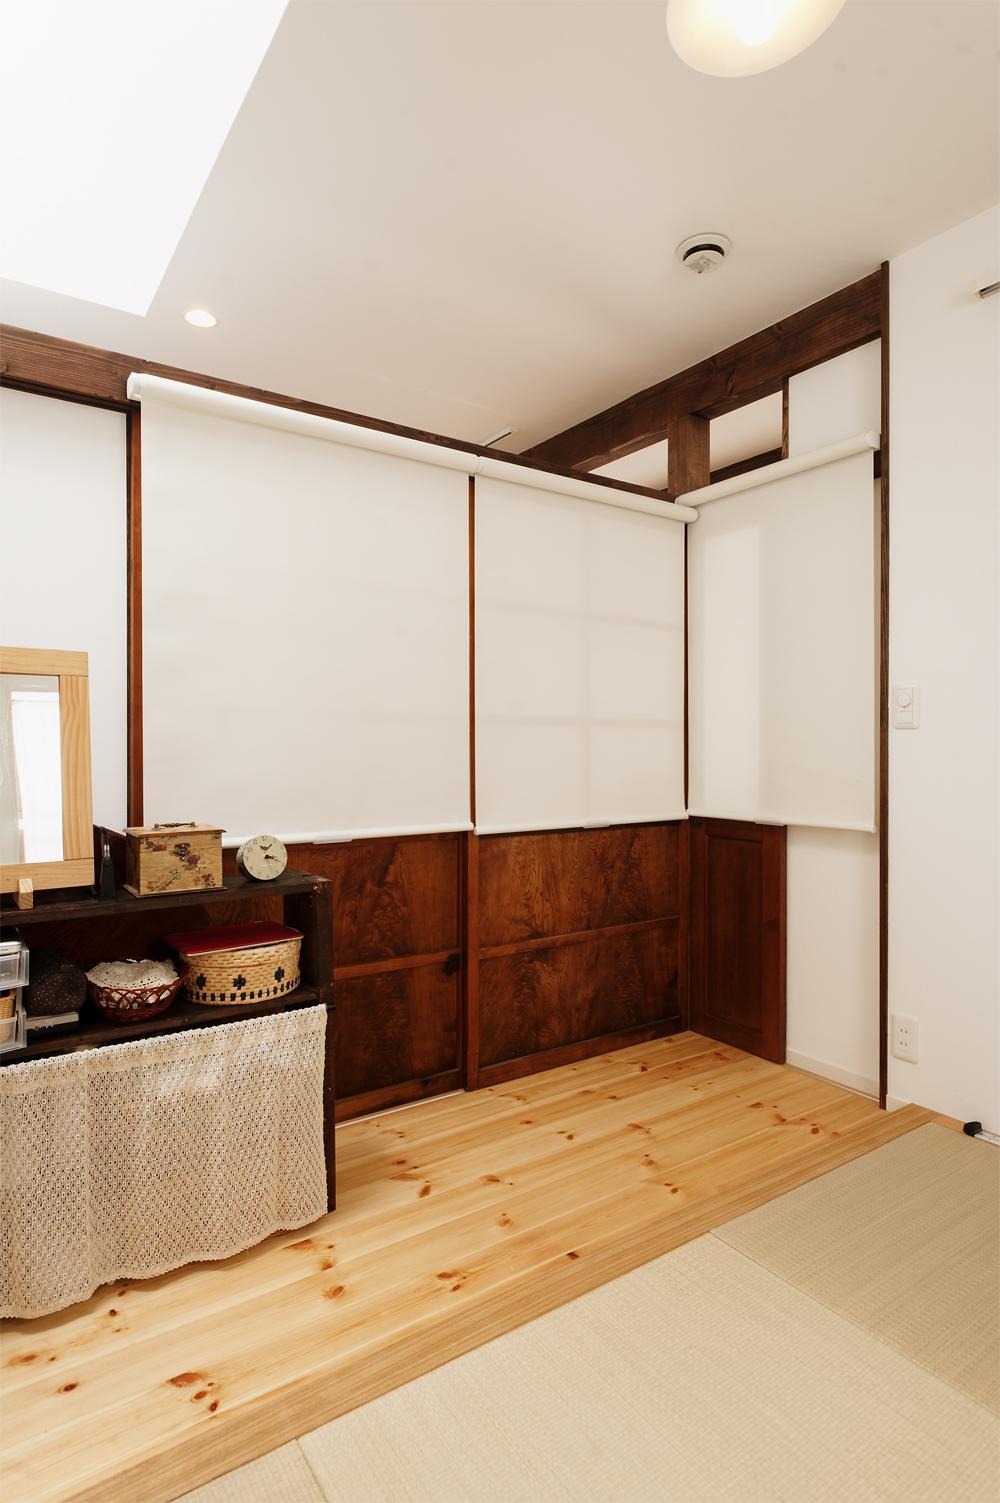 その他事例:キッチン隣の畳コーナー-closed(T邸・家族のくらしをより楽しく豊かにするとっておきの家)